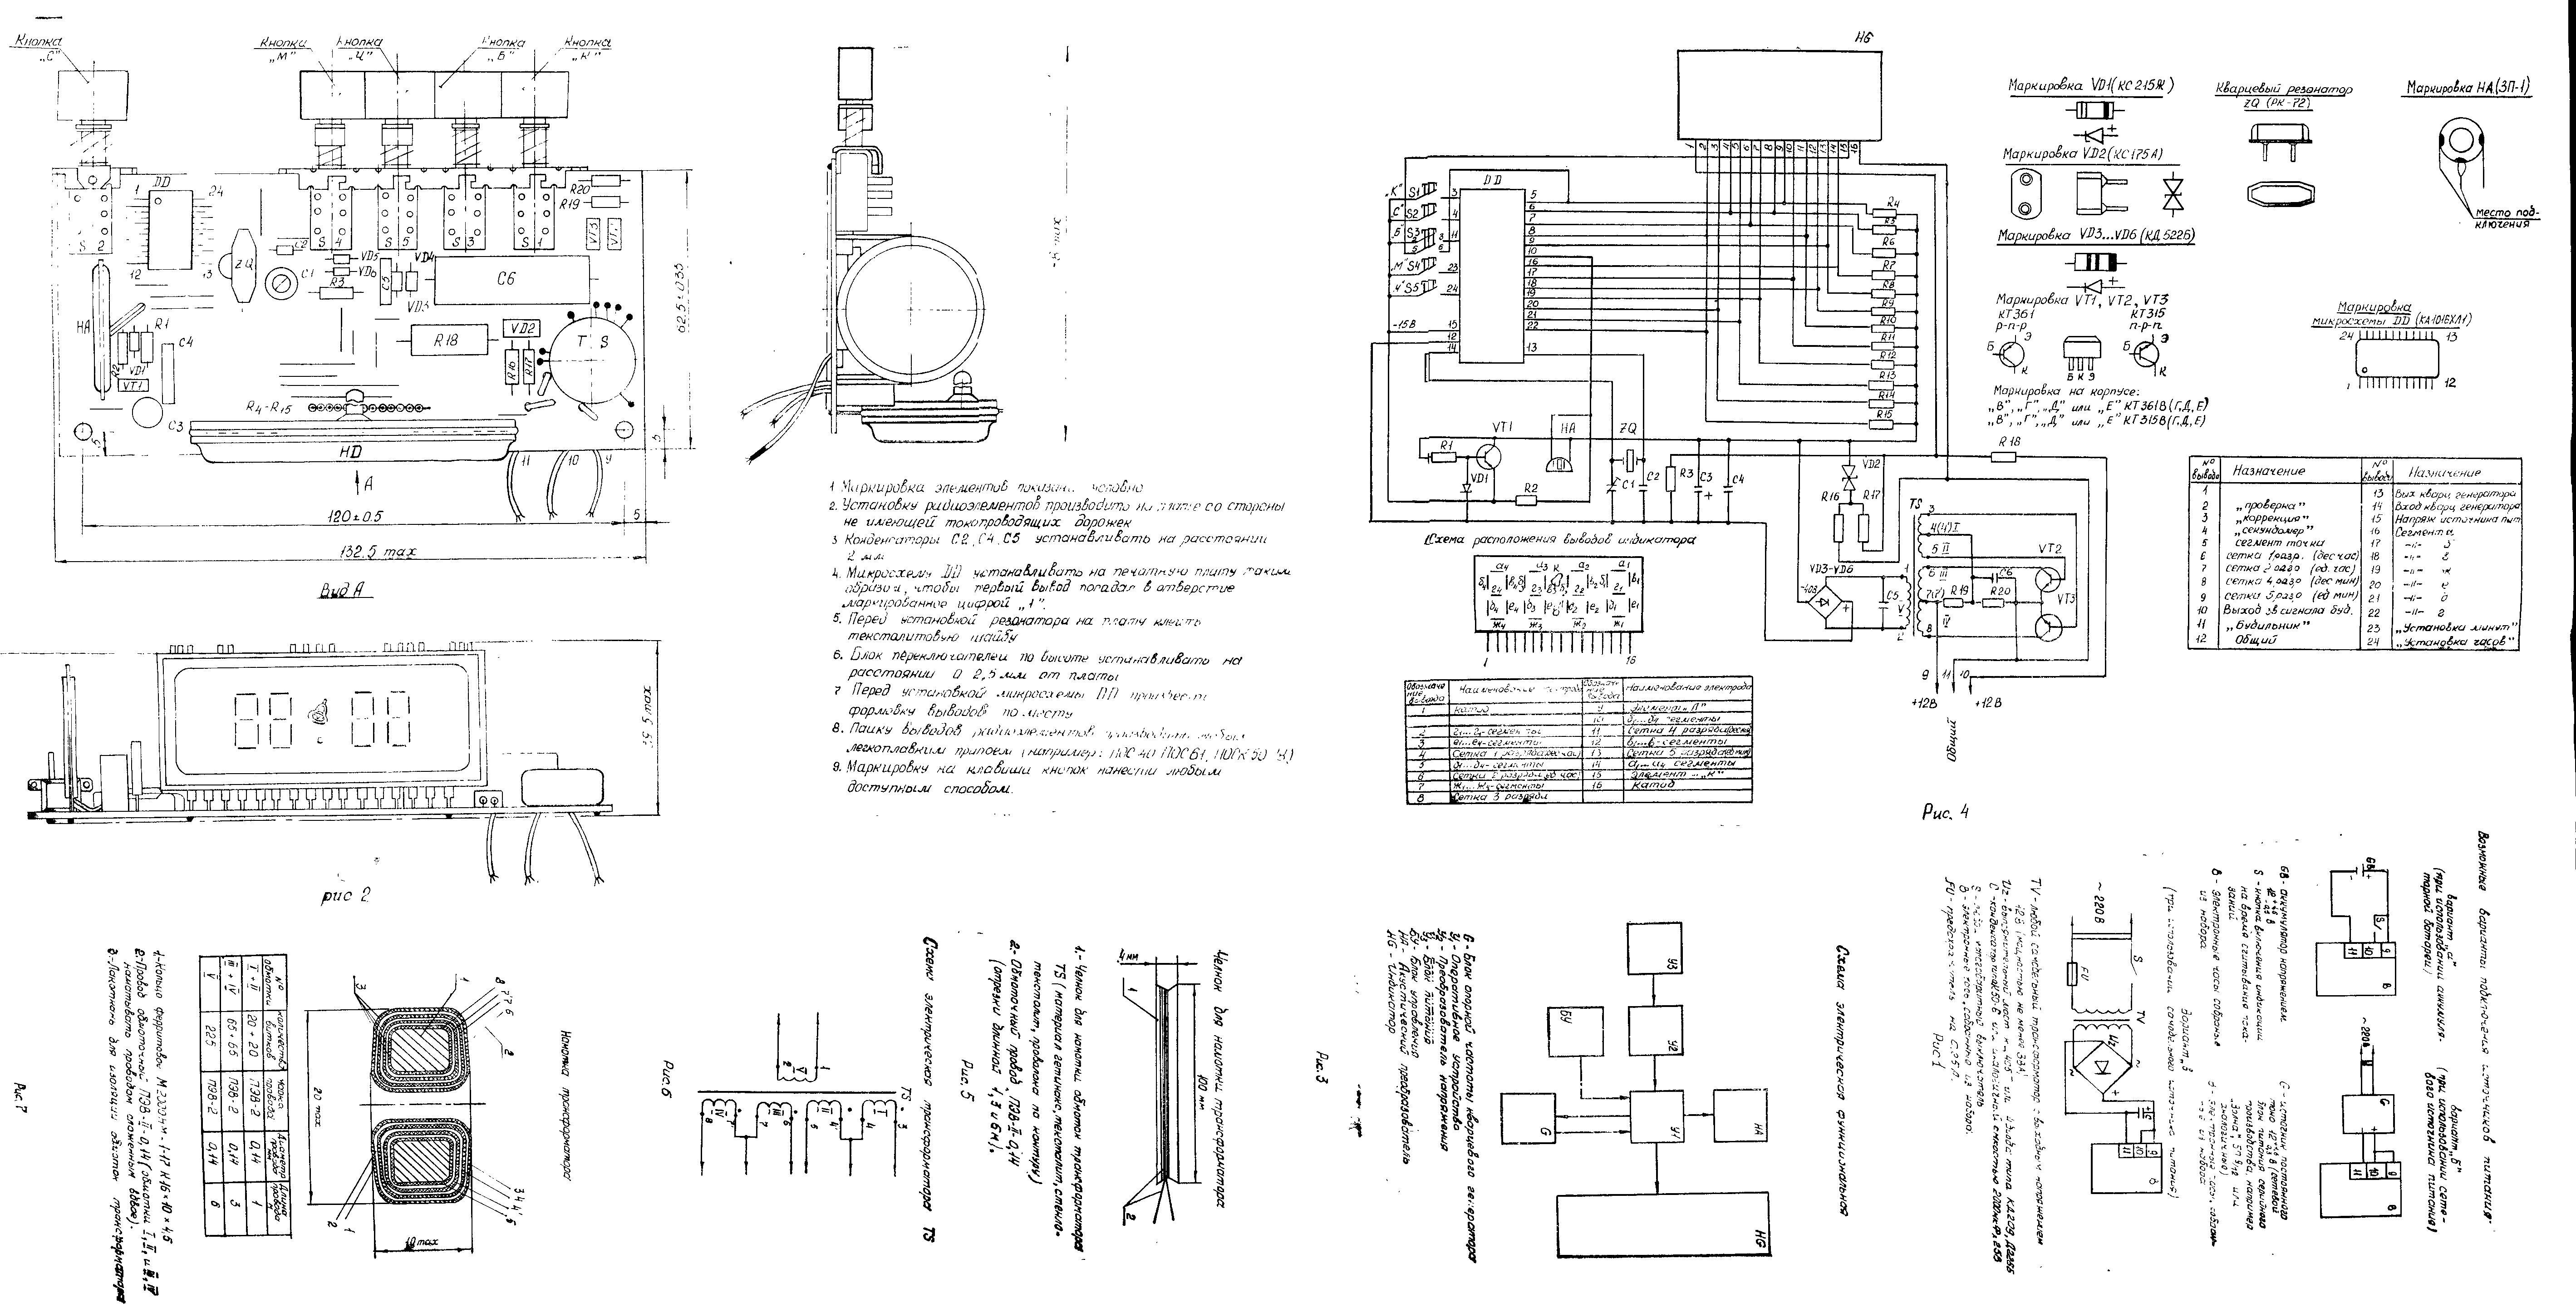 Инструкция по эксплуатации часов электроника